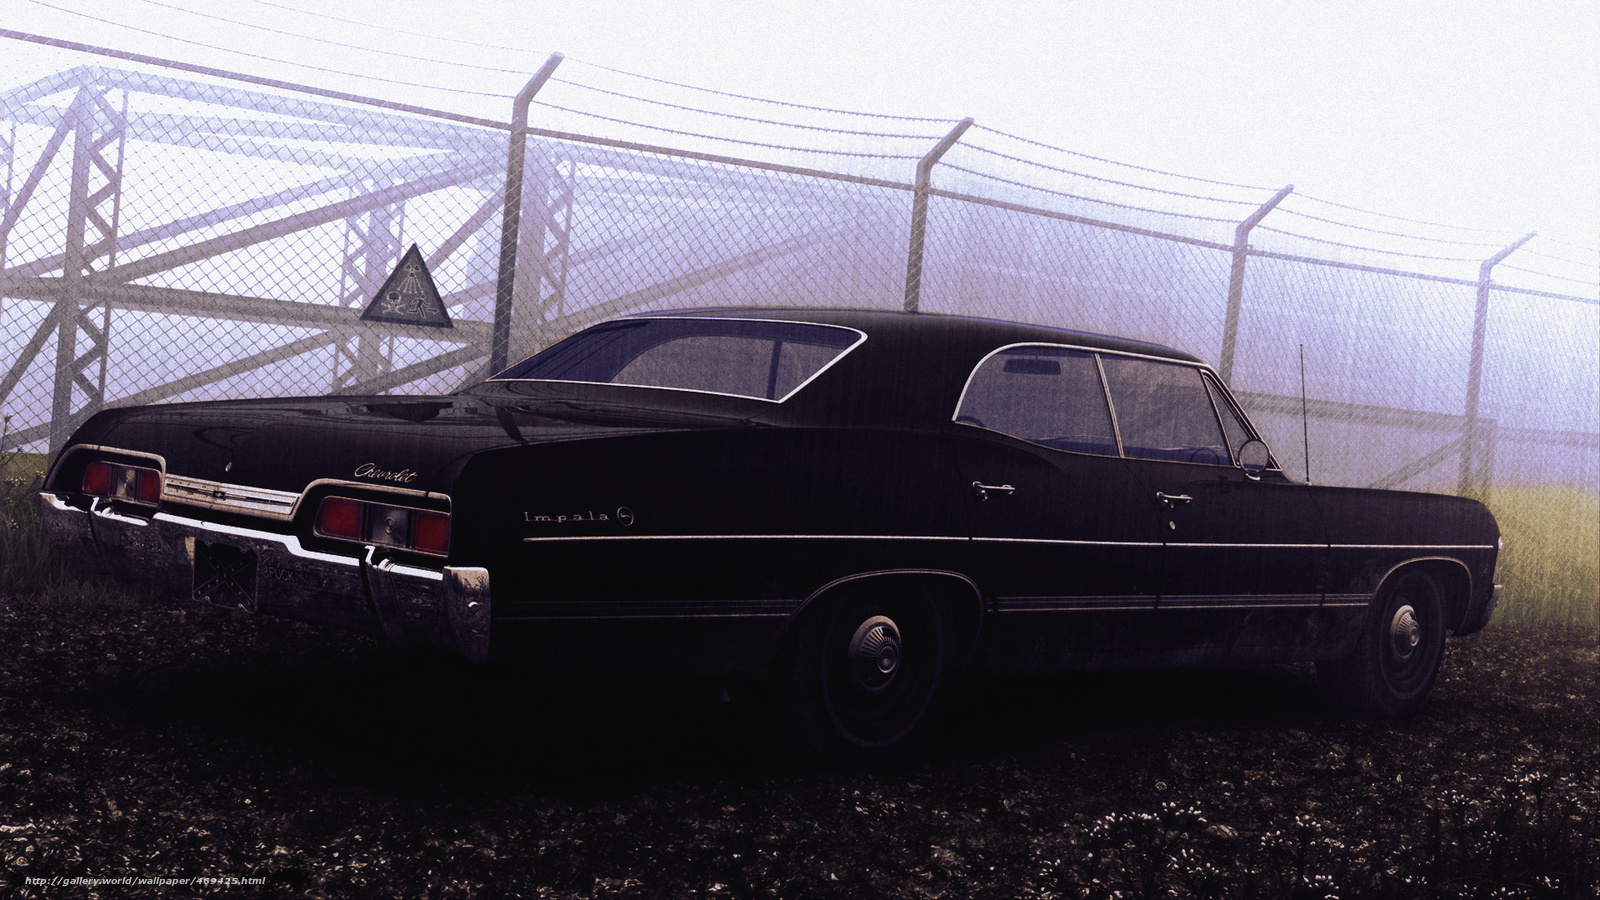 Baixar Wallpaper Chevrolet Impala 1967 Sobrenatural